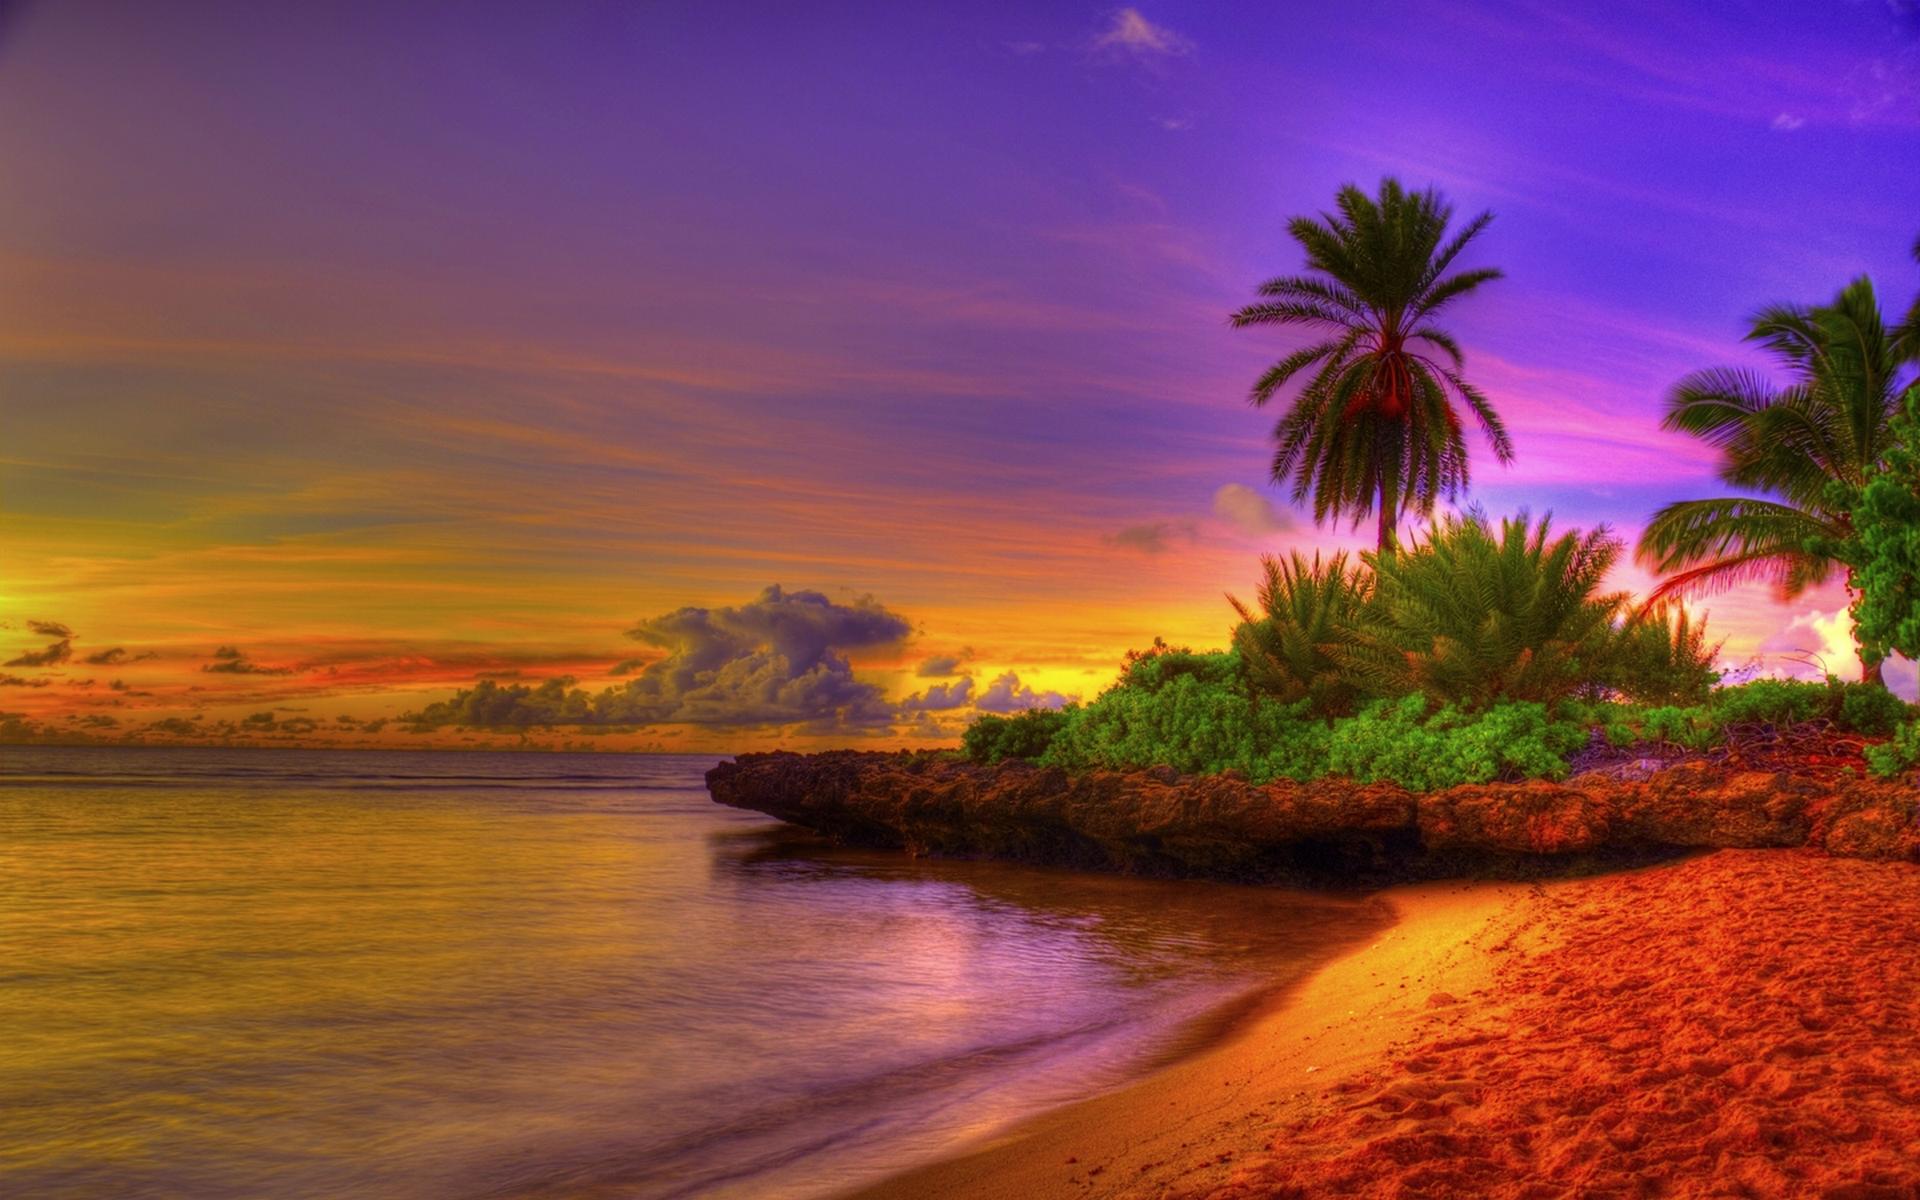 tropical beach wallpaper 120 - photo #29